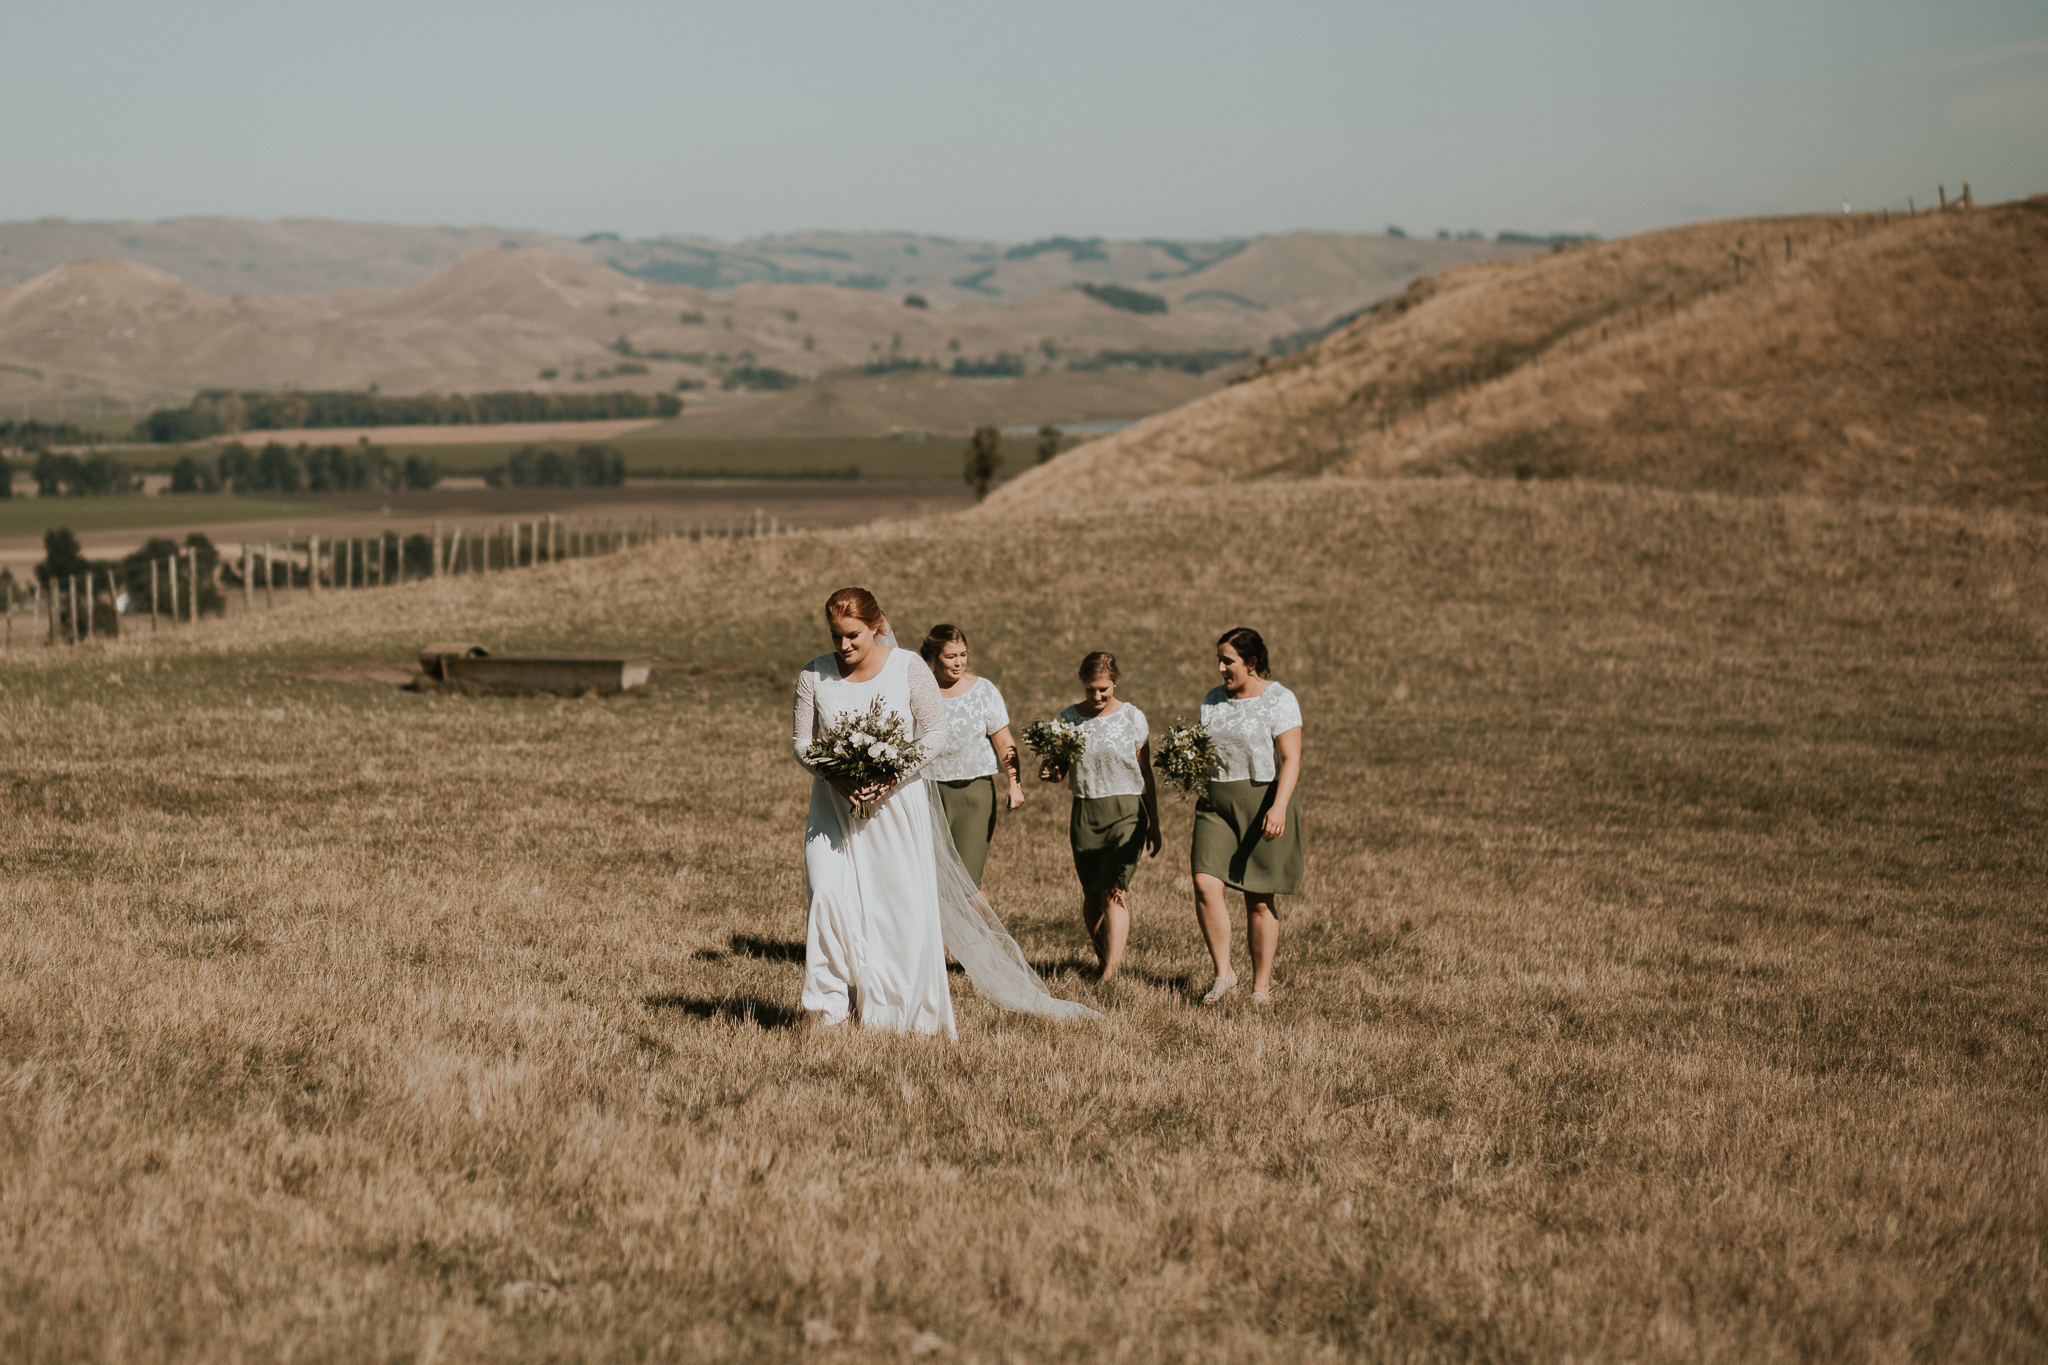 wedding photographer hawkes bay , Lisa Fisher Photography, Selini Winery Wedding -31.jpg